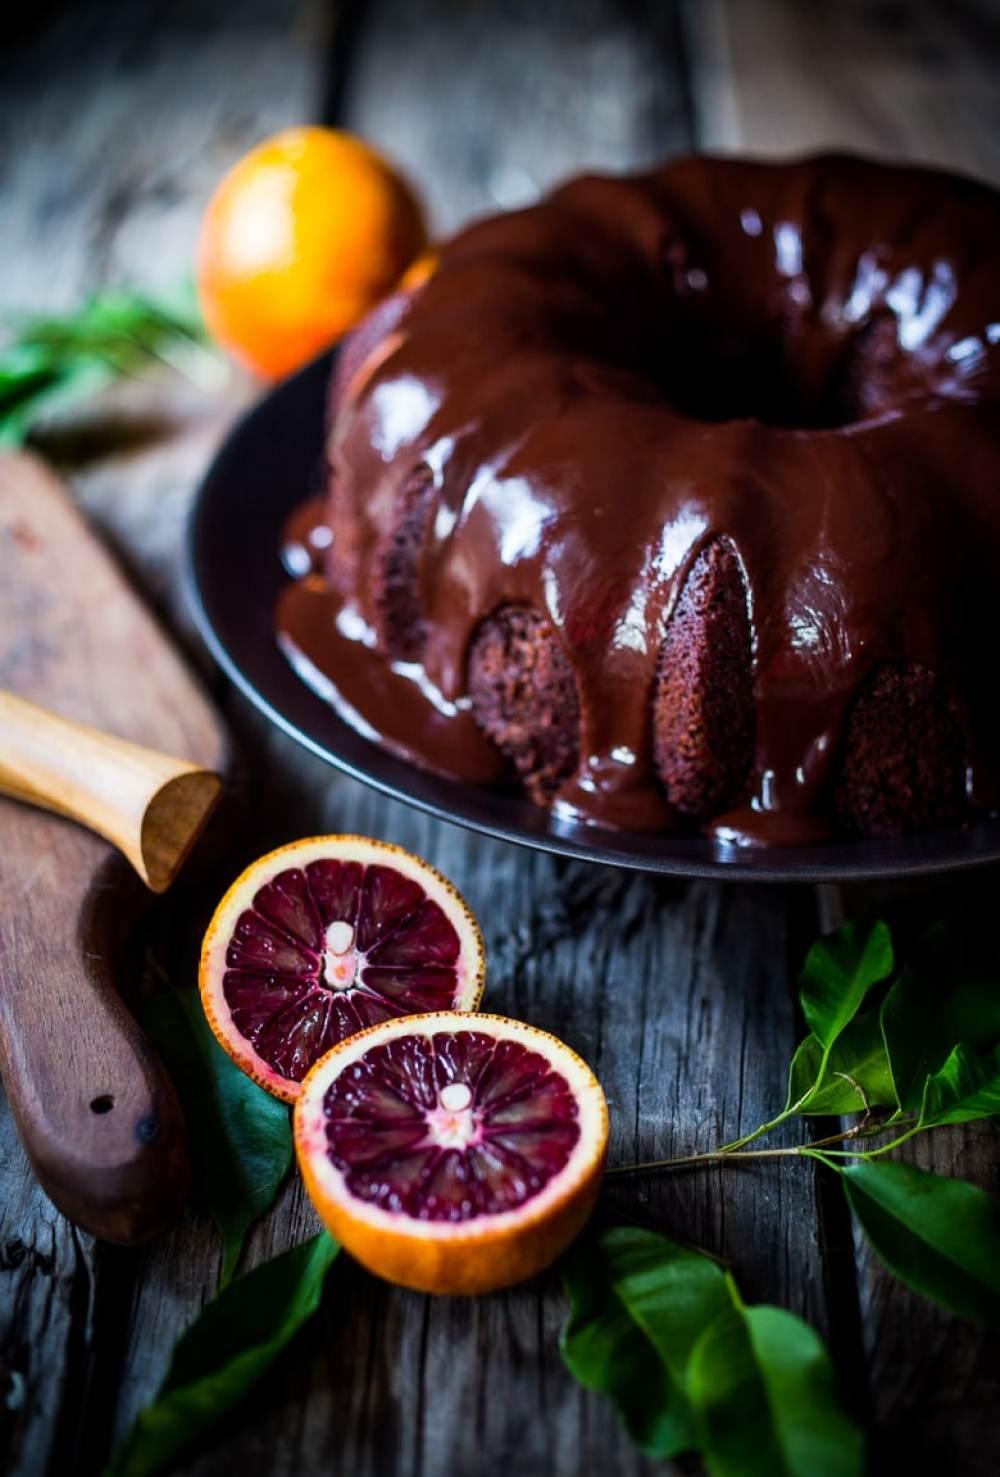 Dark Chocolate Bundt Cake with Blood Oranges